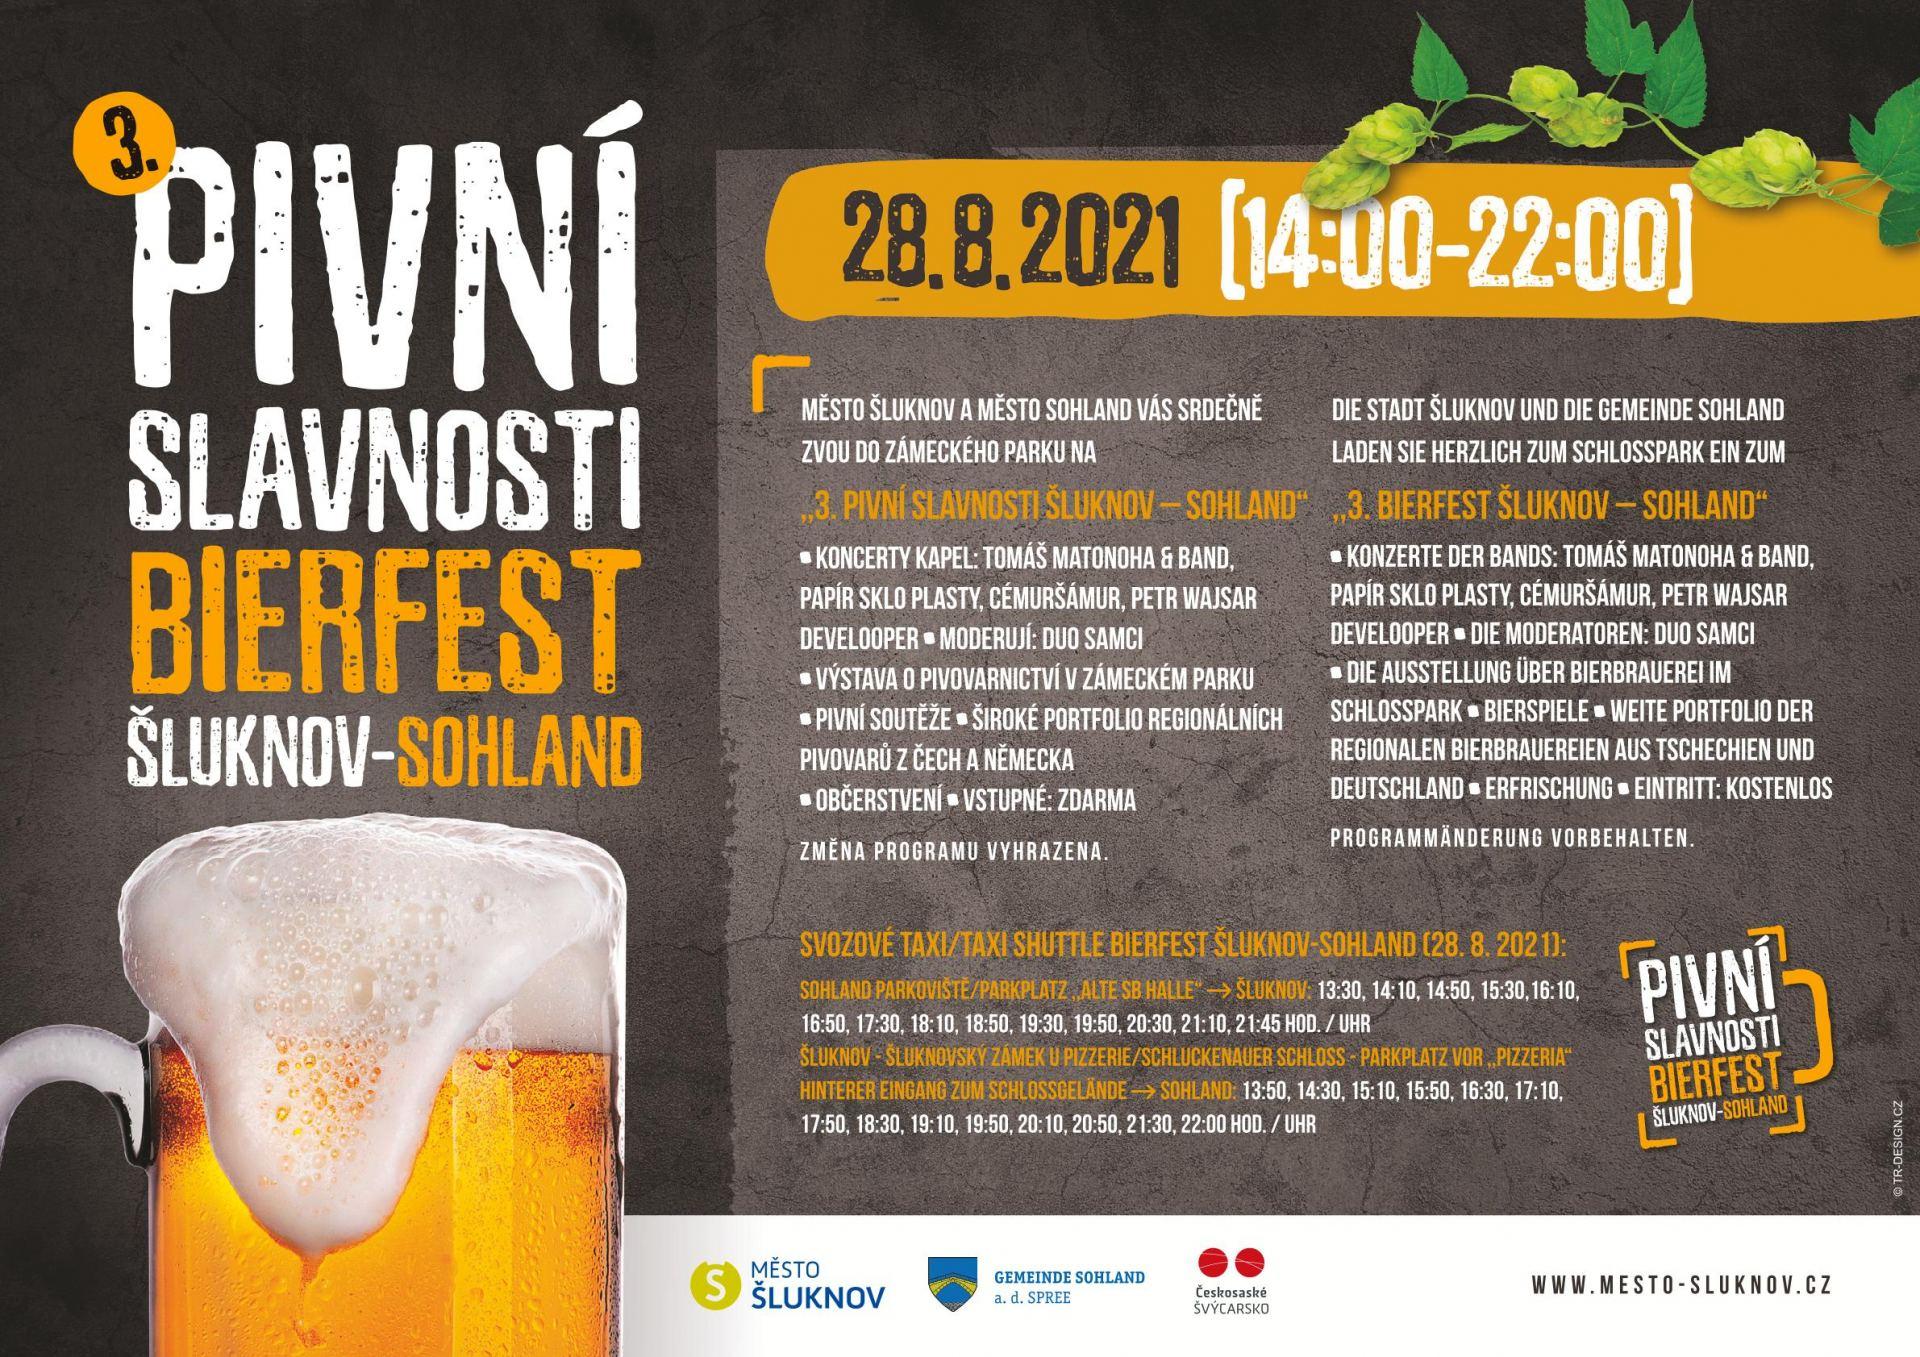 Pivní slavnosti ve Šluknově - Bierfest